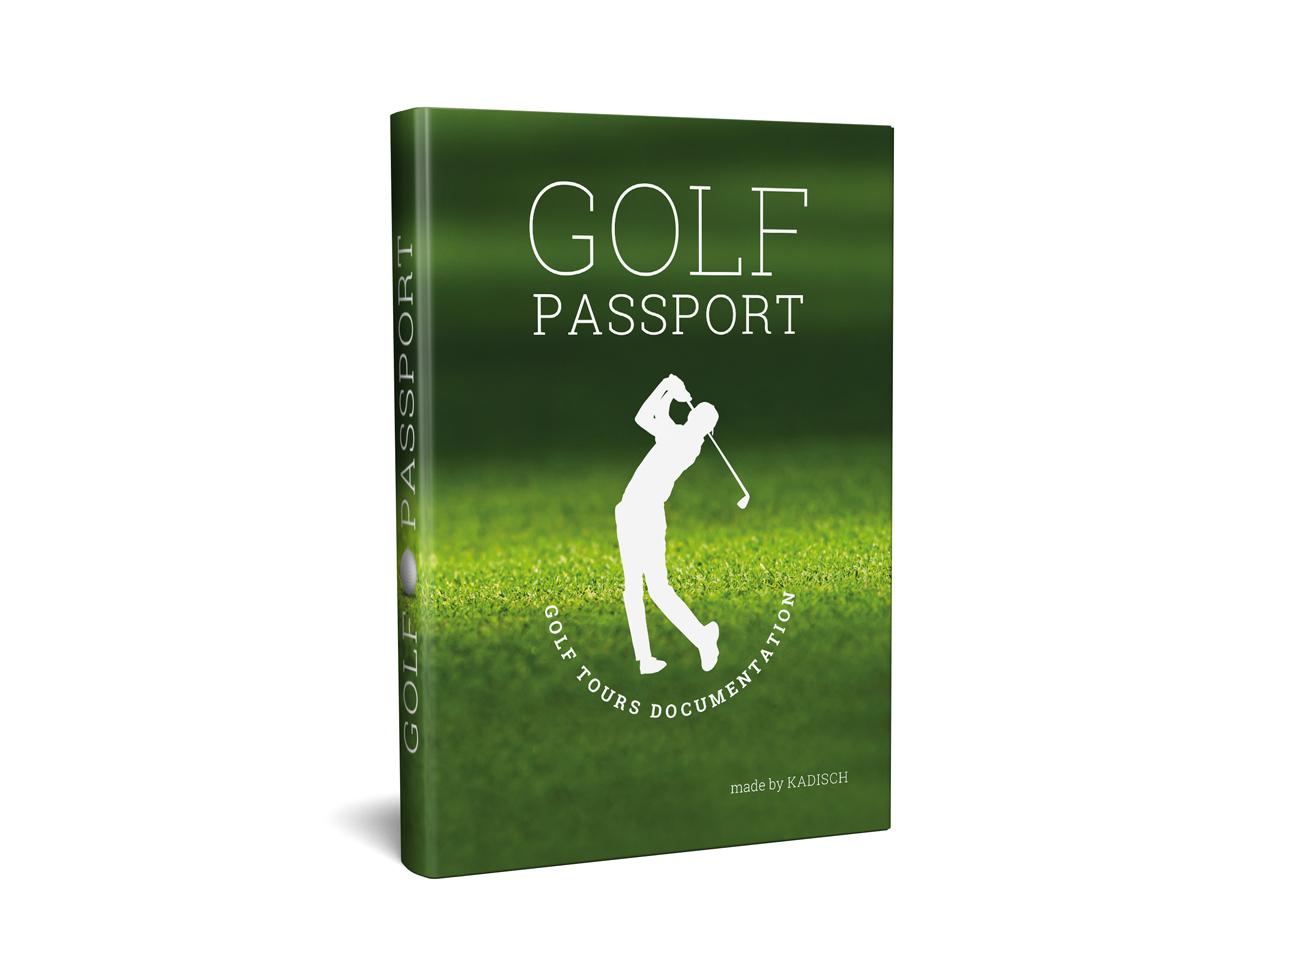 martin zech design, buchcover, self publishing, schaedler, golf passport